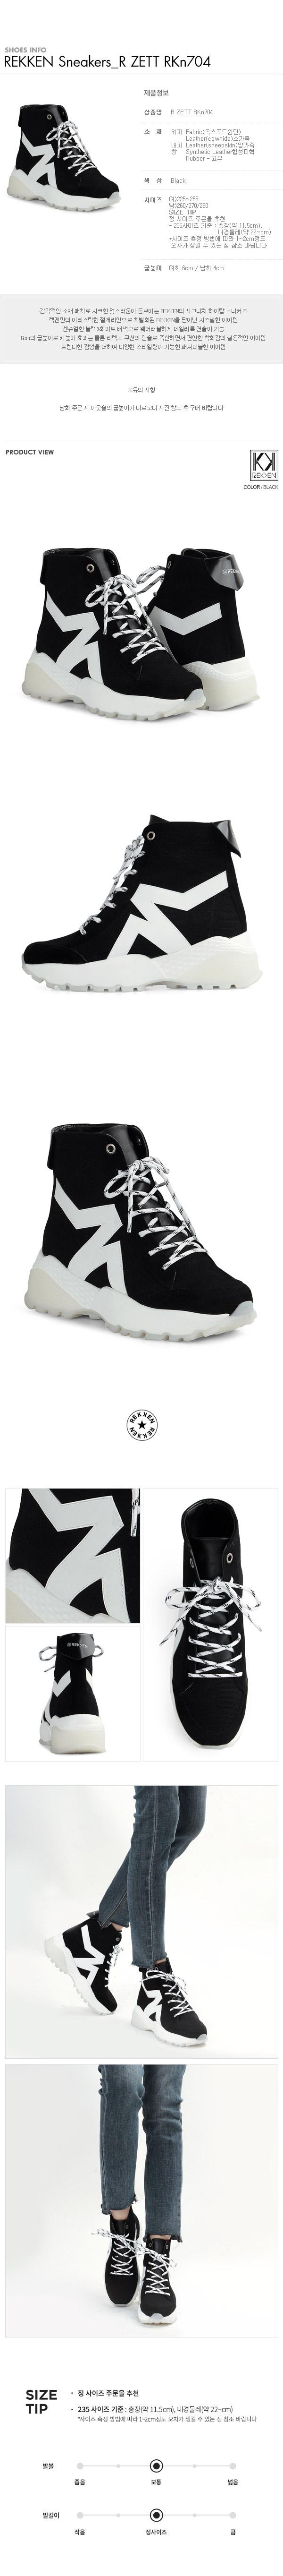 렉켄(REKKEN) Sneakers[남녀공용]_R ZETT RKn704